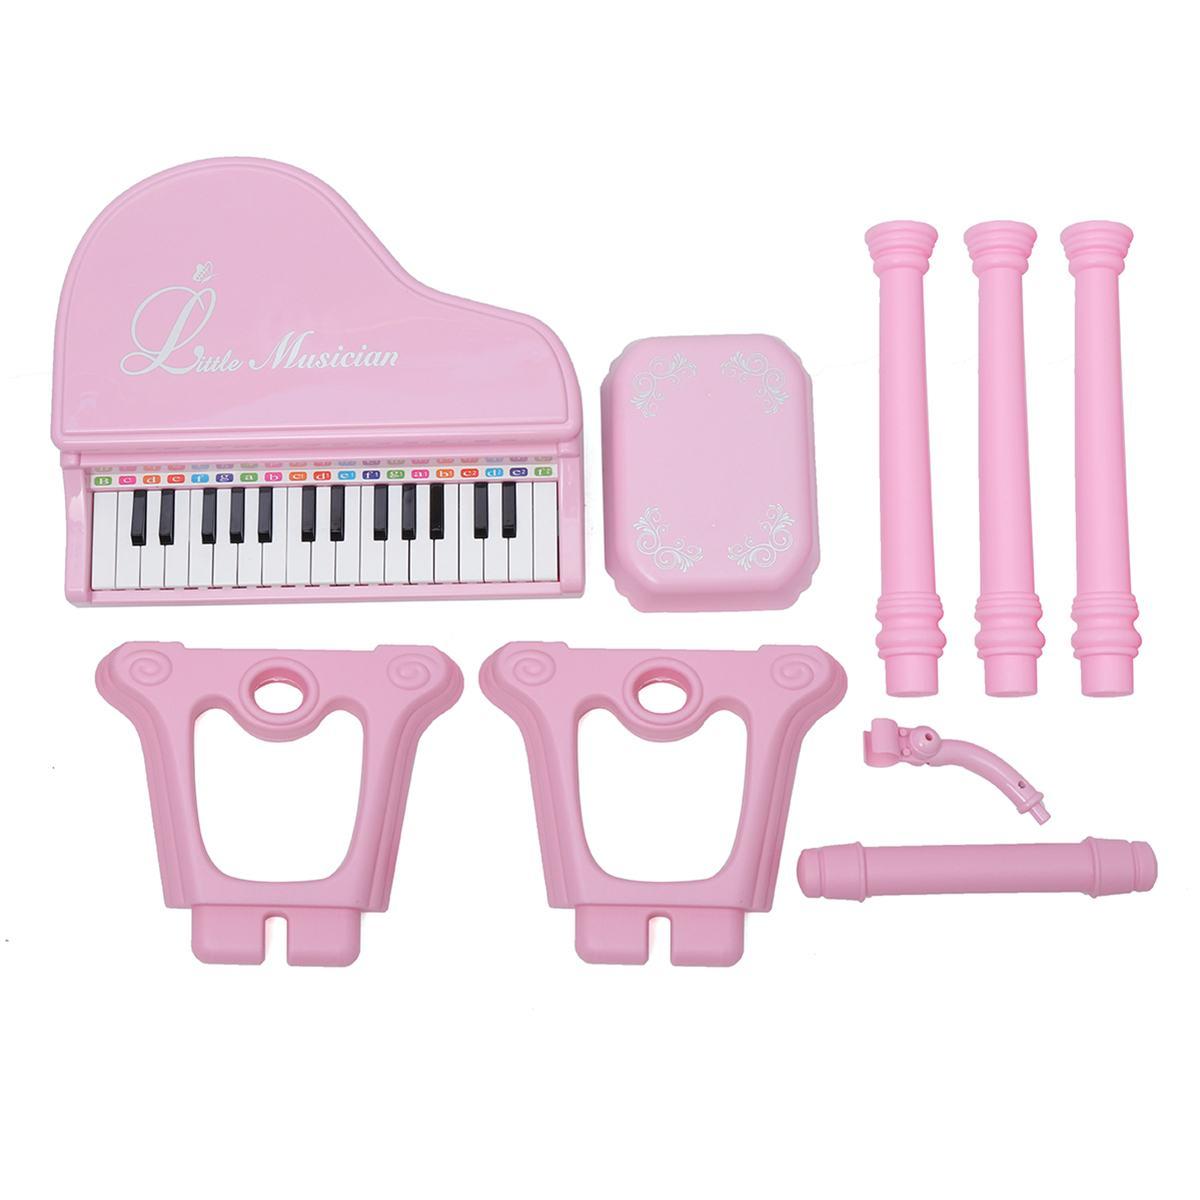 31 touches enfants Piano jouets clavier électronique Piano lumière Microphone apprentissage jouets Instrument de musique enfants cadeau 3 couleurs - 4